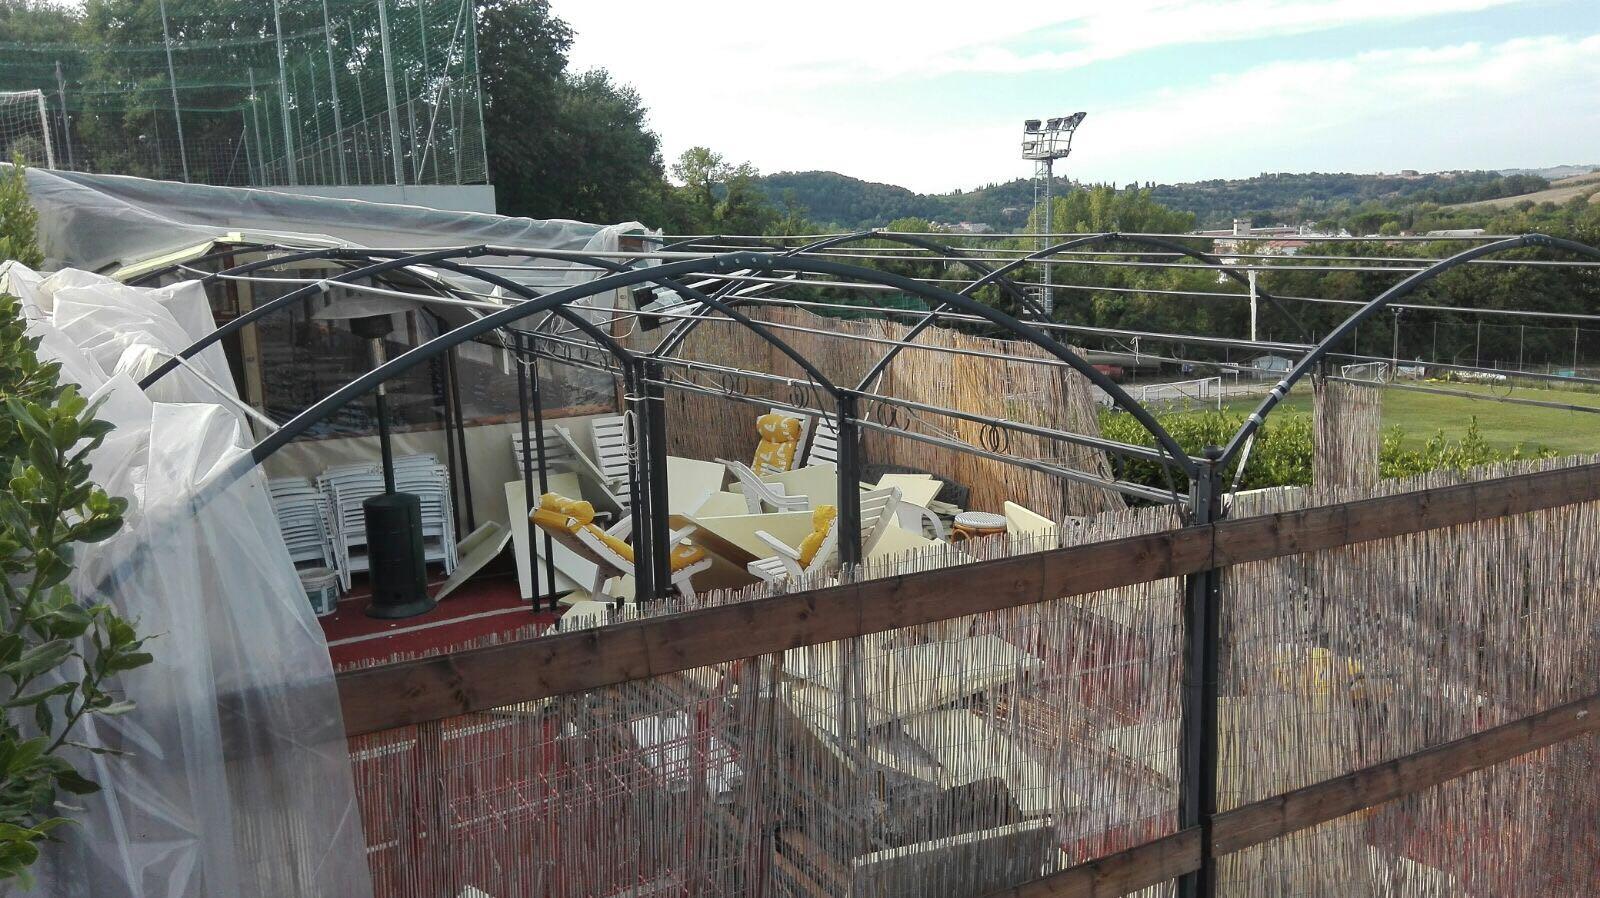 Notti brave: vandali in azione anche negli impianti sportivi di Maltraverso